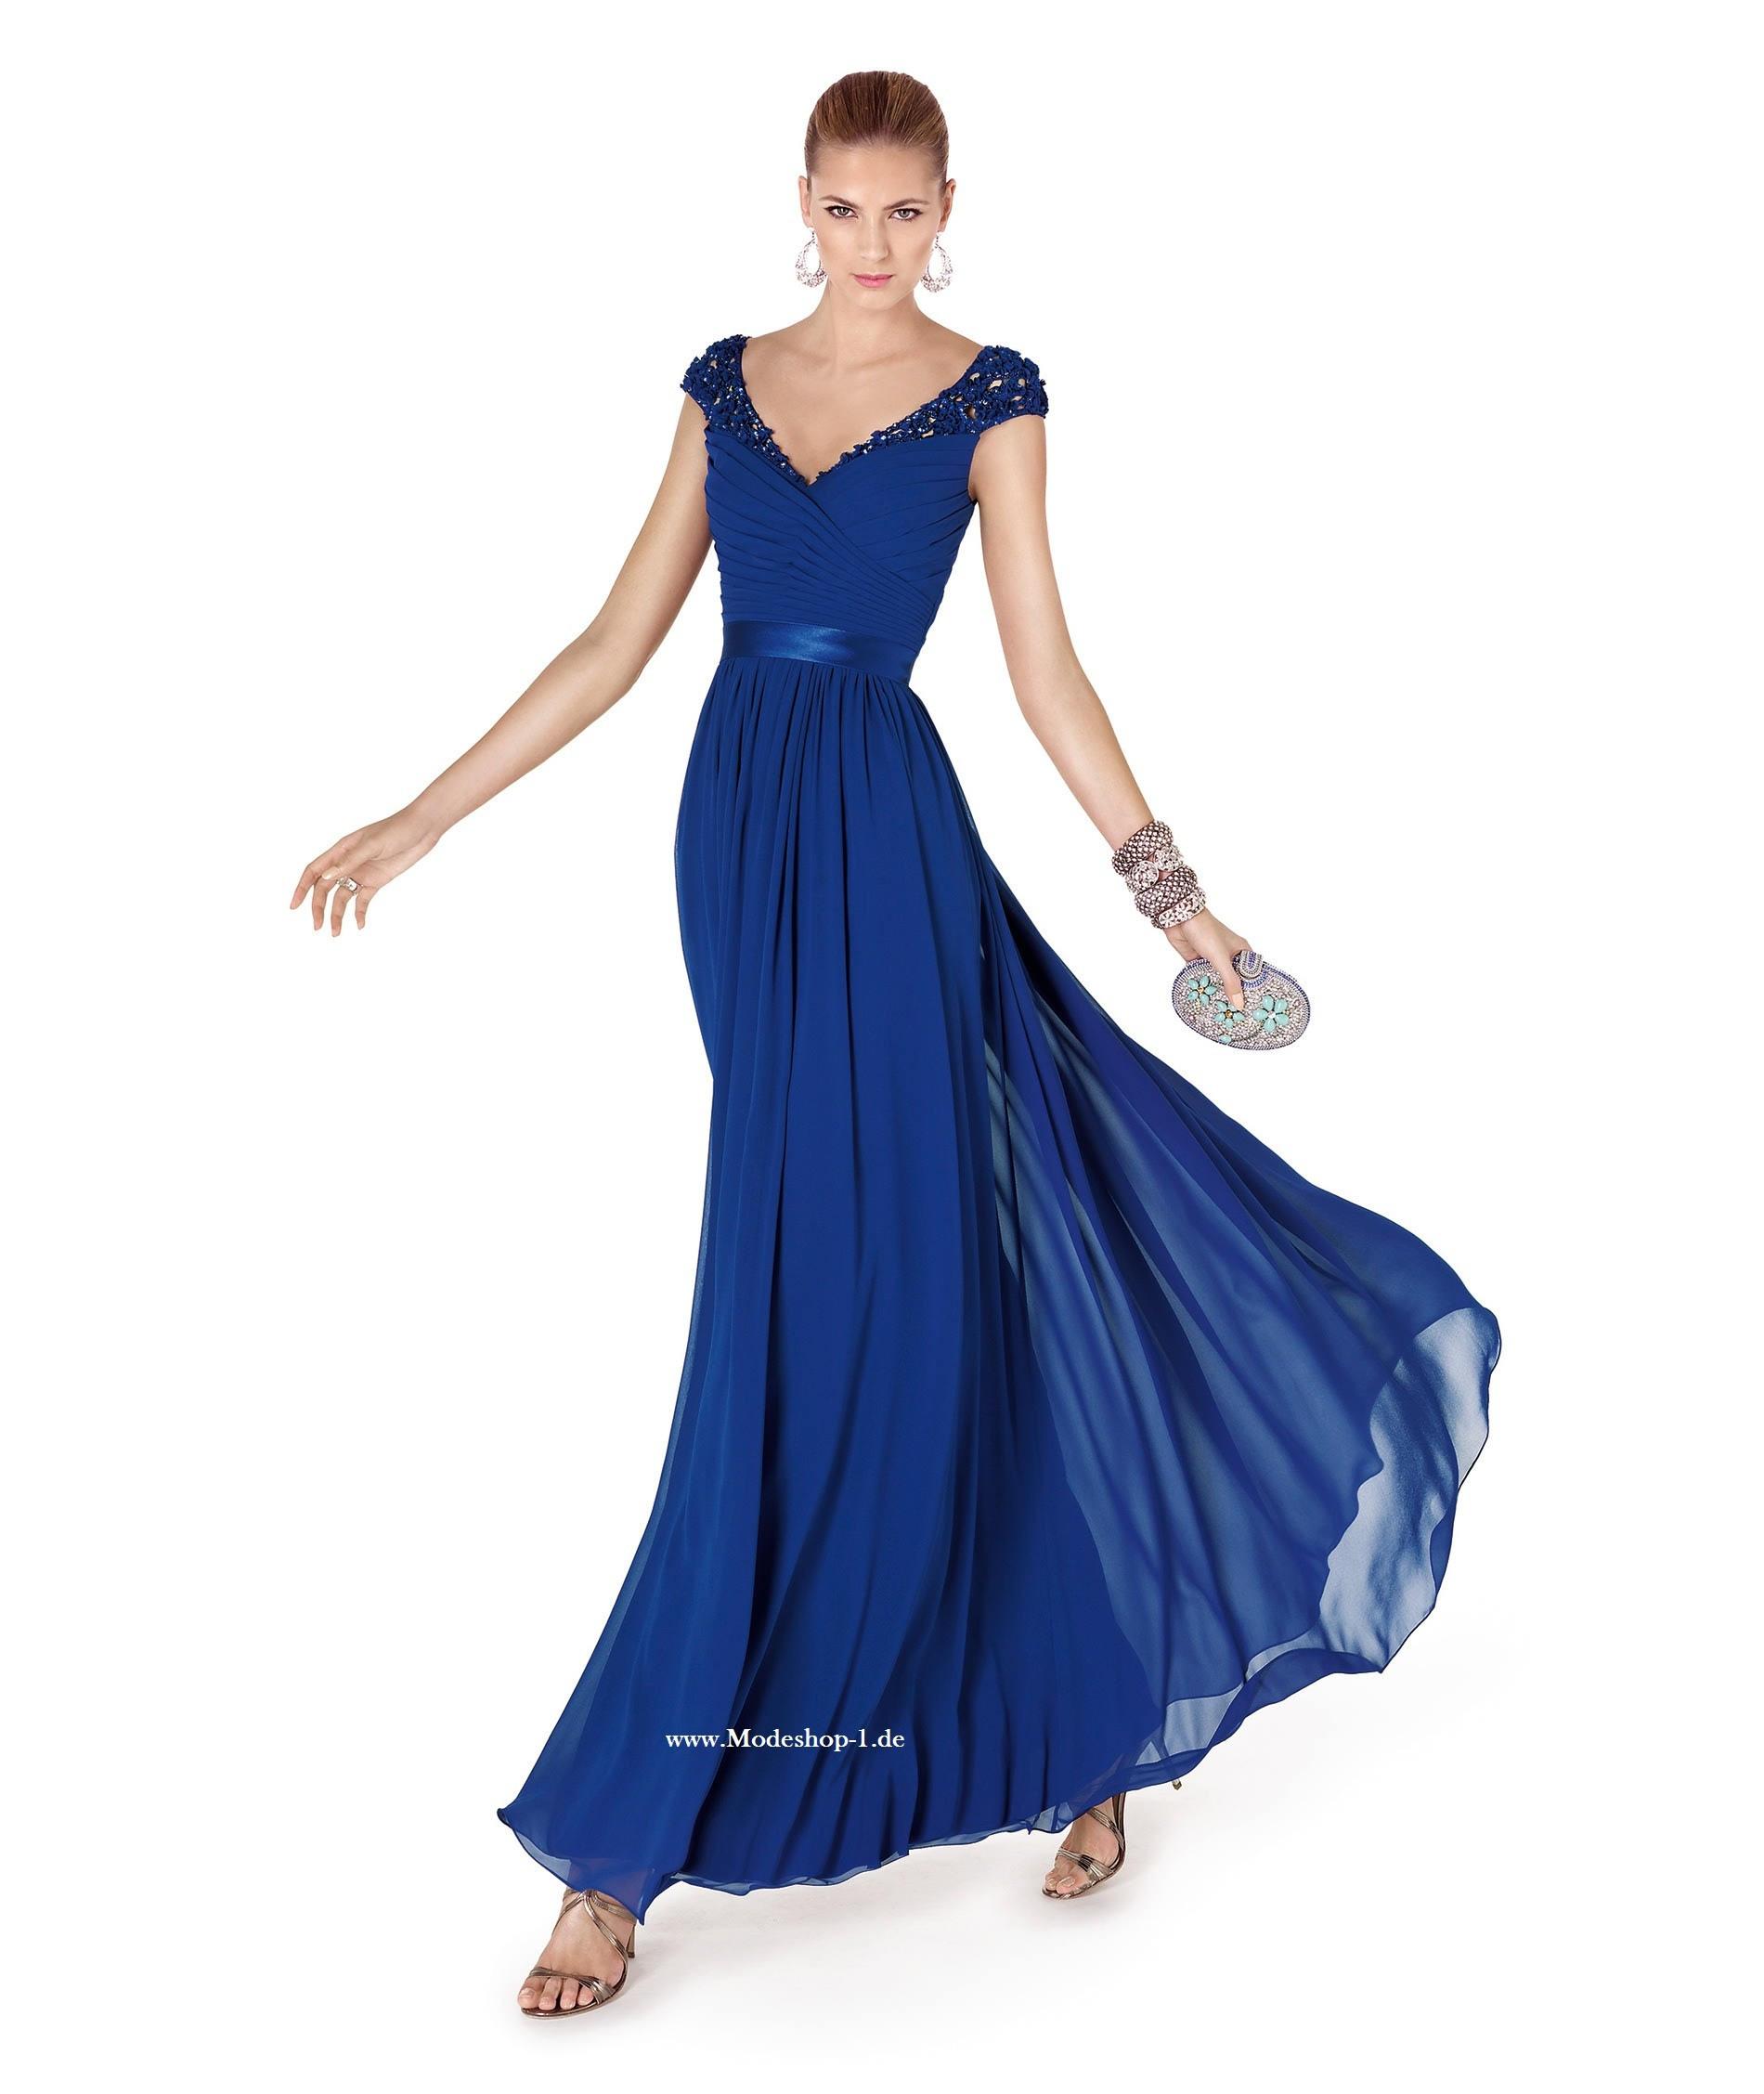 20 Luxus Blaues Abendkleid Ärmel17 Coolste Blaues Abendkleid Vertrieb